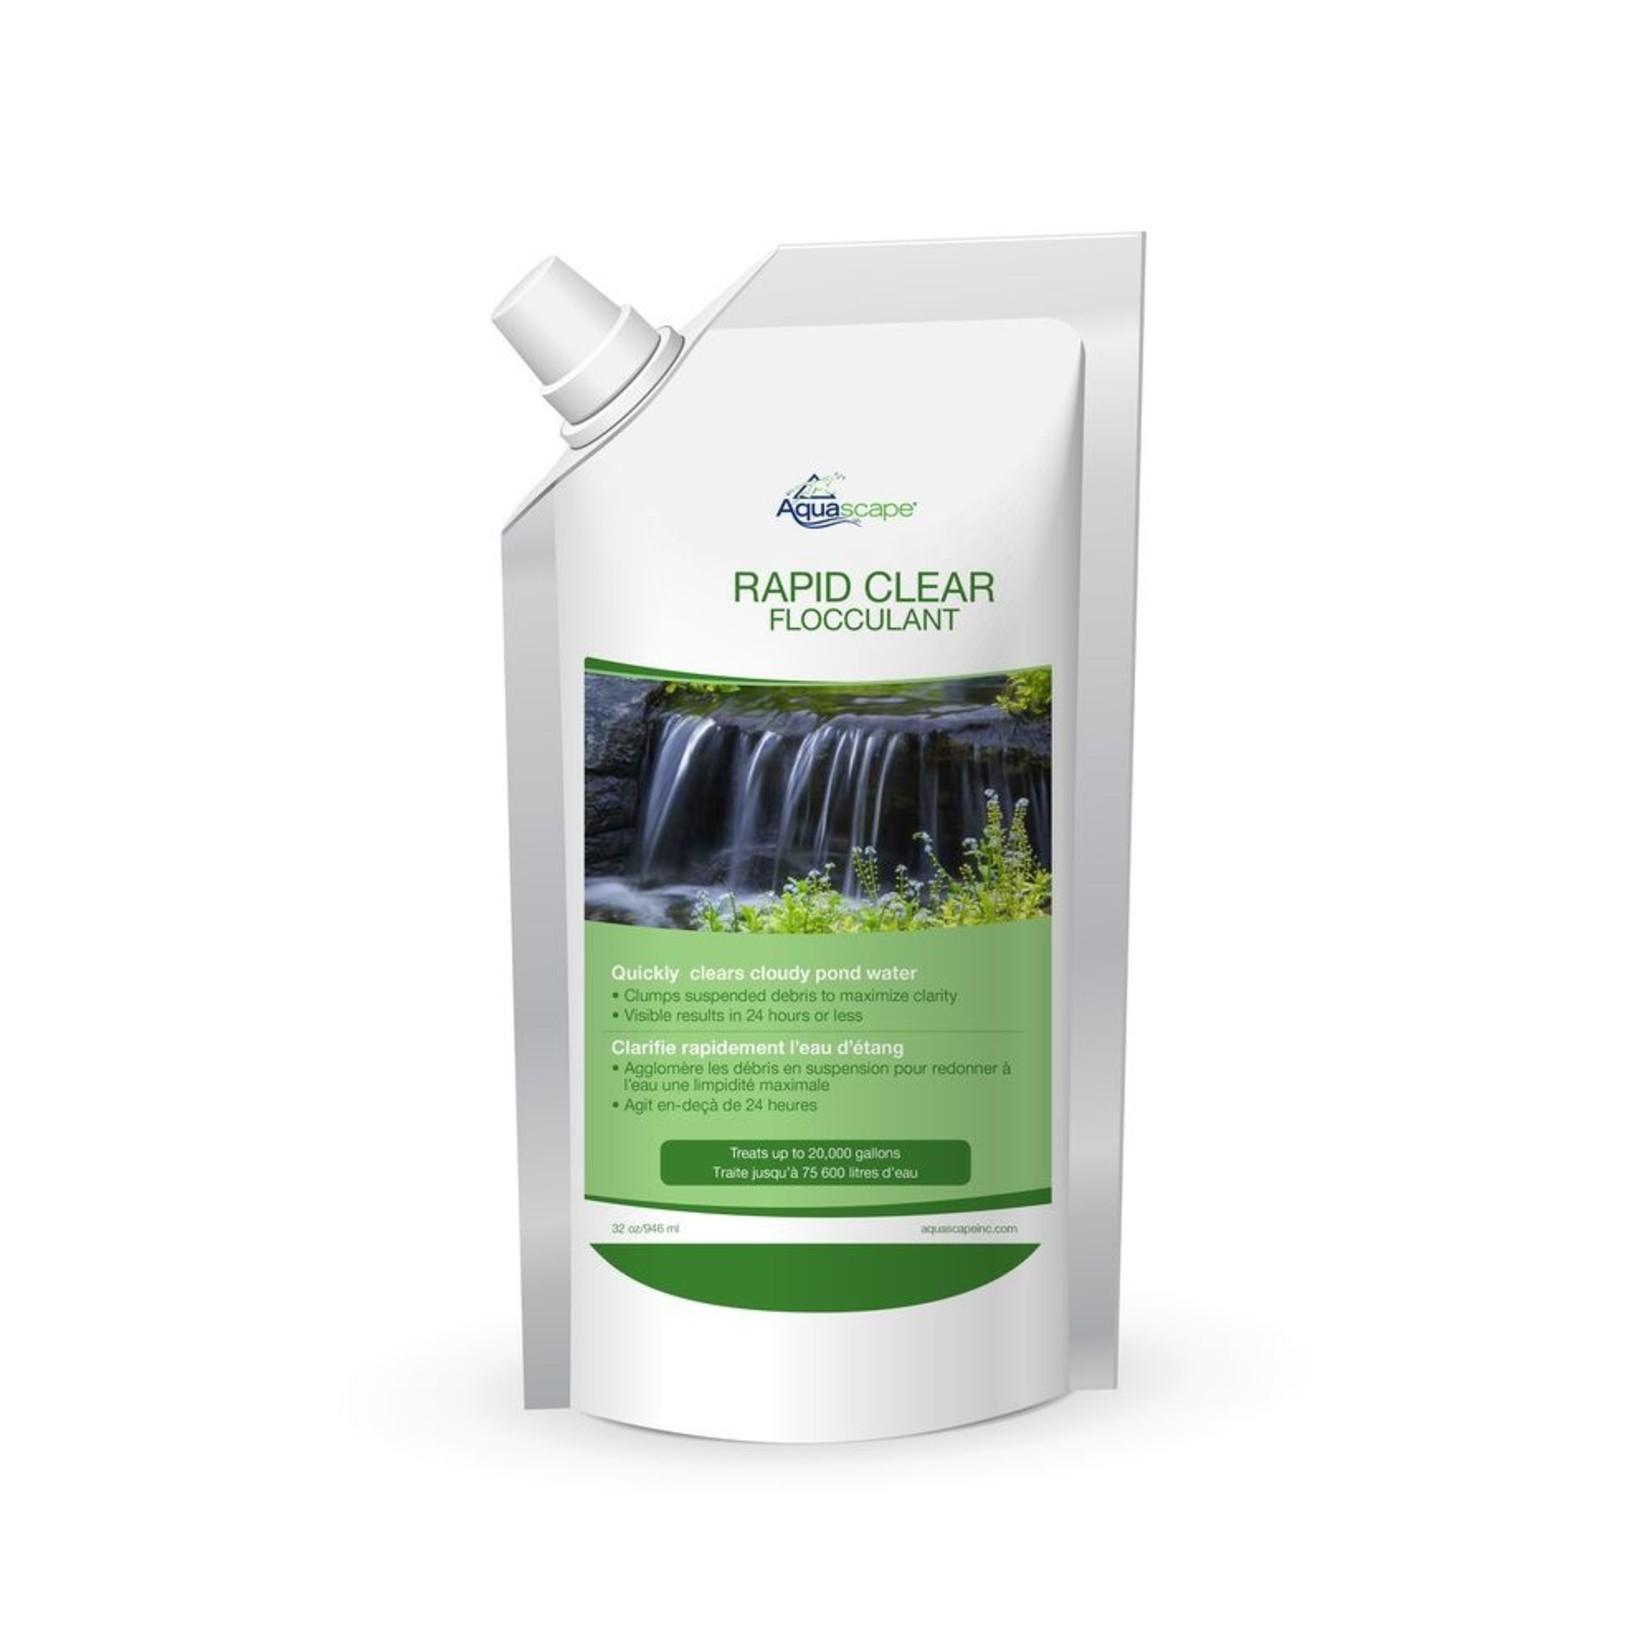 Aquascape Pochette de Recharge de Liquide Rapid Clear 32 oz